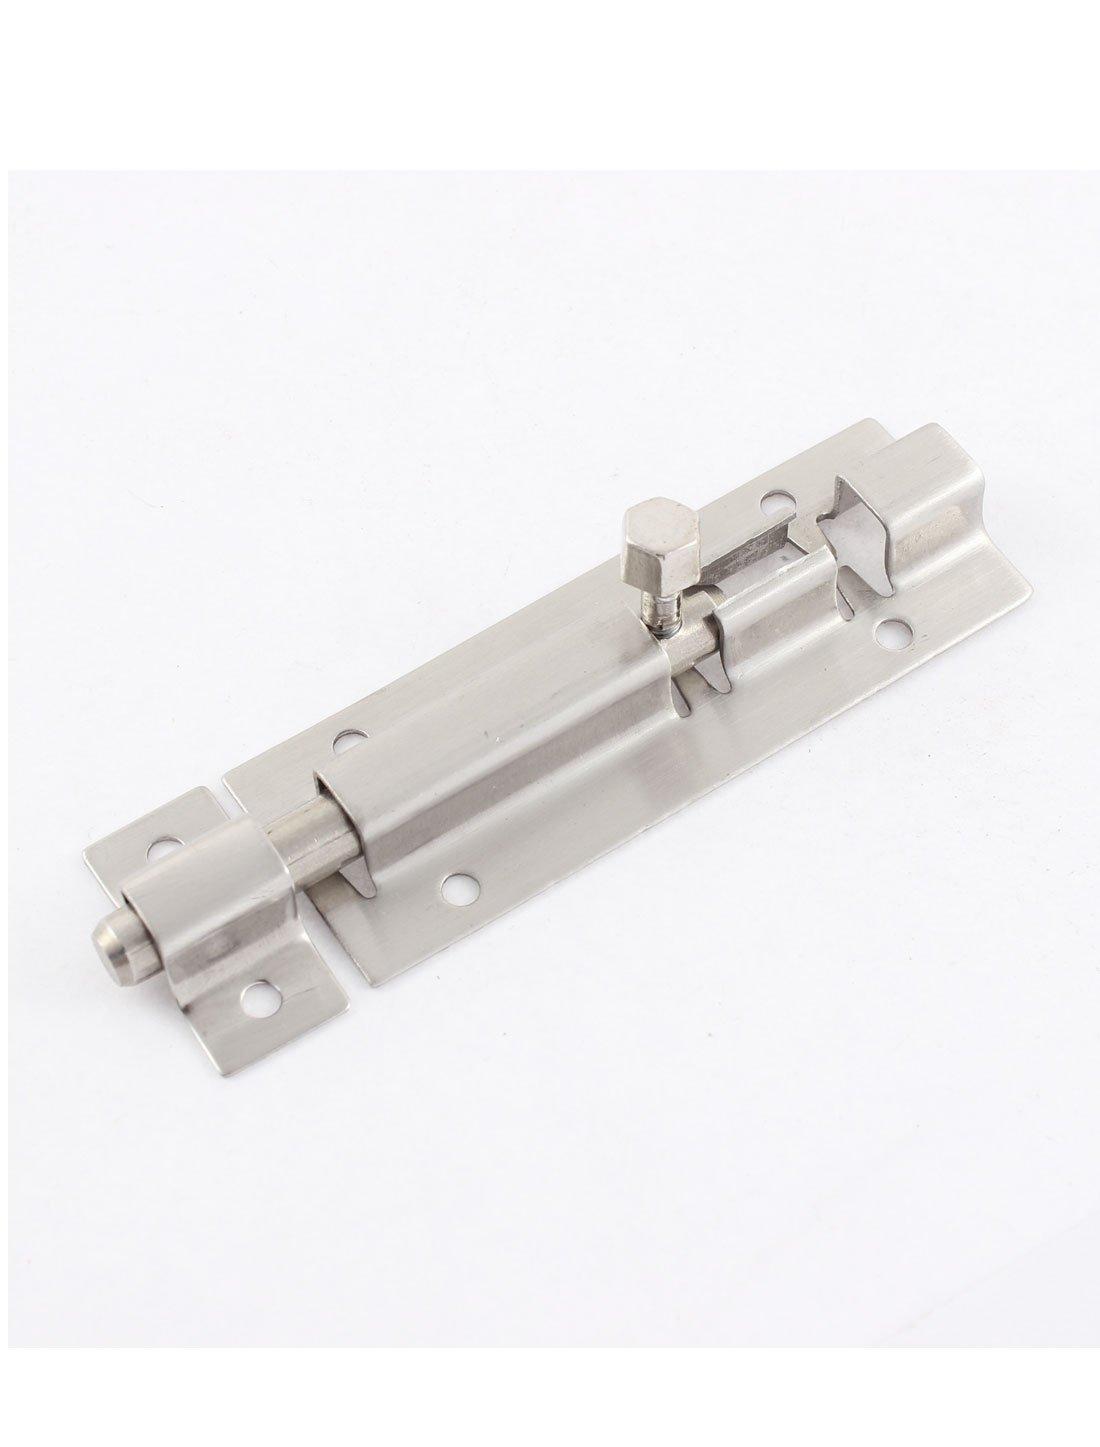 5 St/ück Edelstahl Verschluss Schiebet/ür T/ür T/ür Schrankschloss Schrauben 7,5 cm